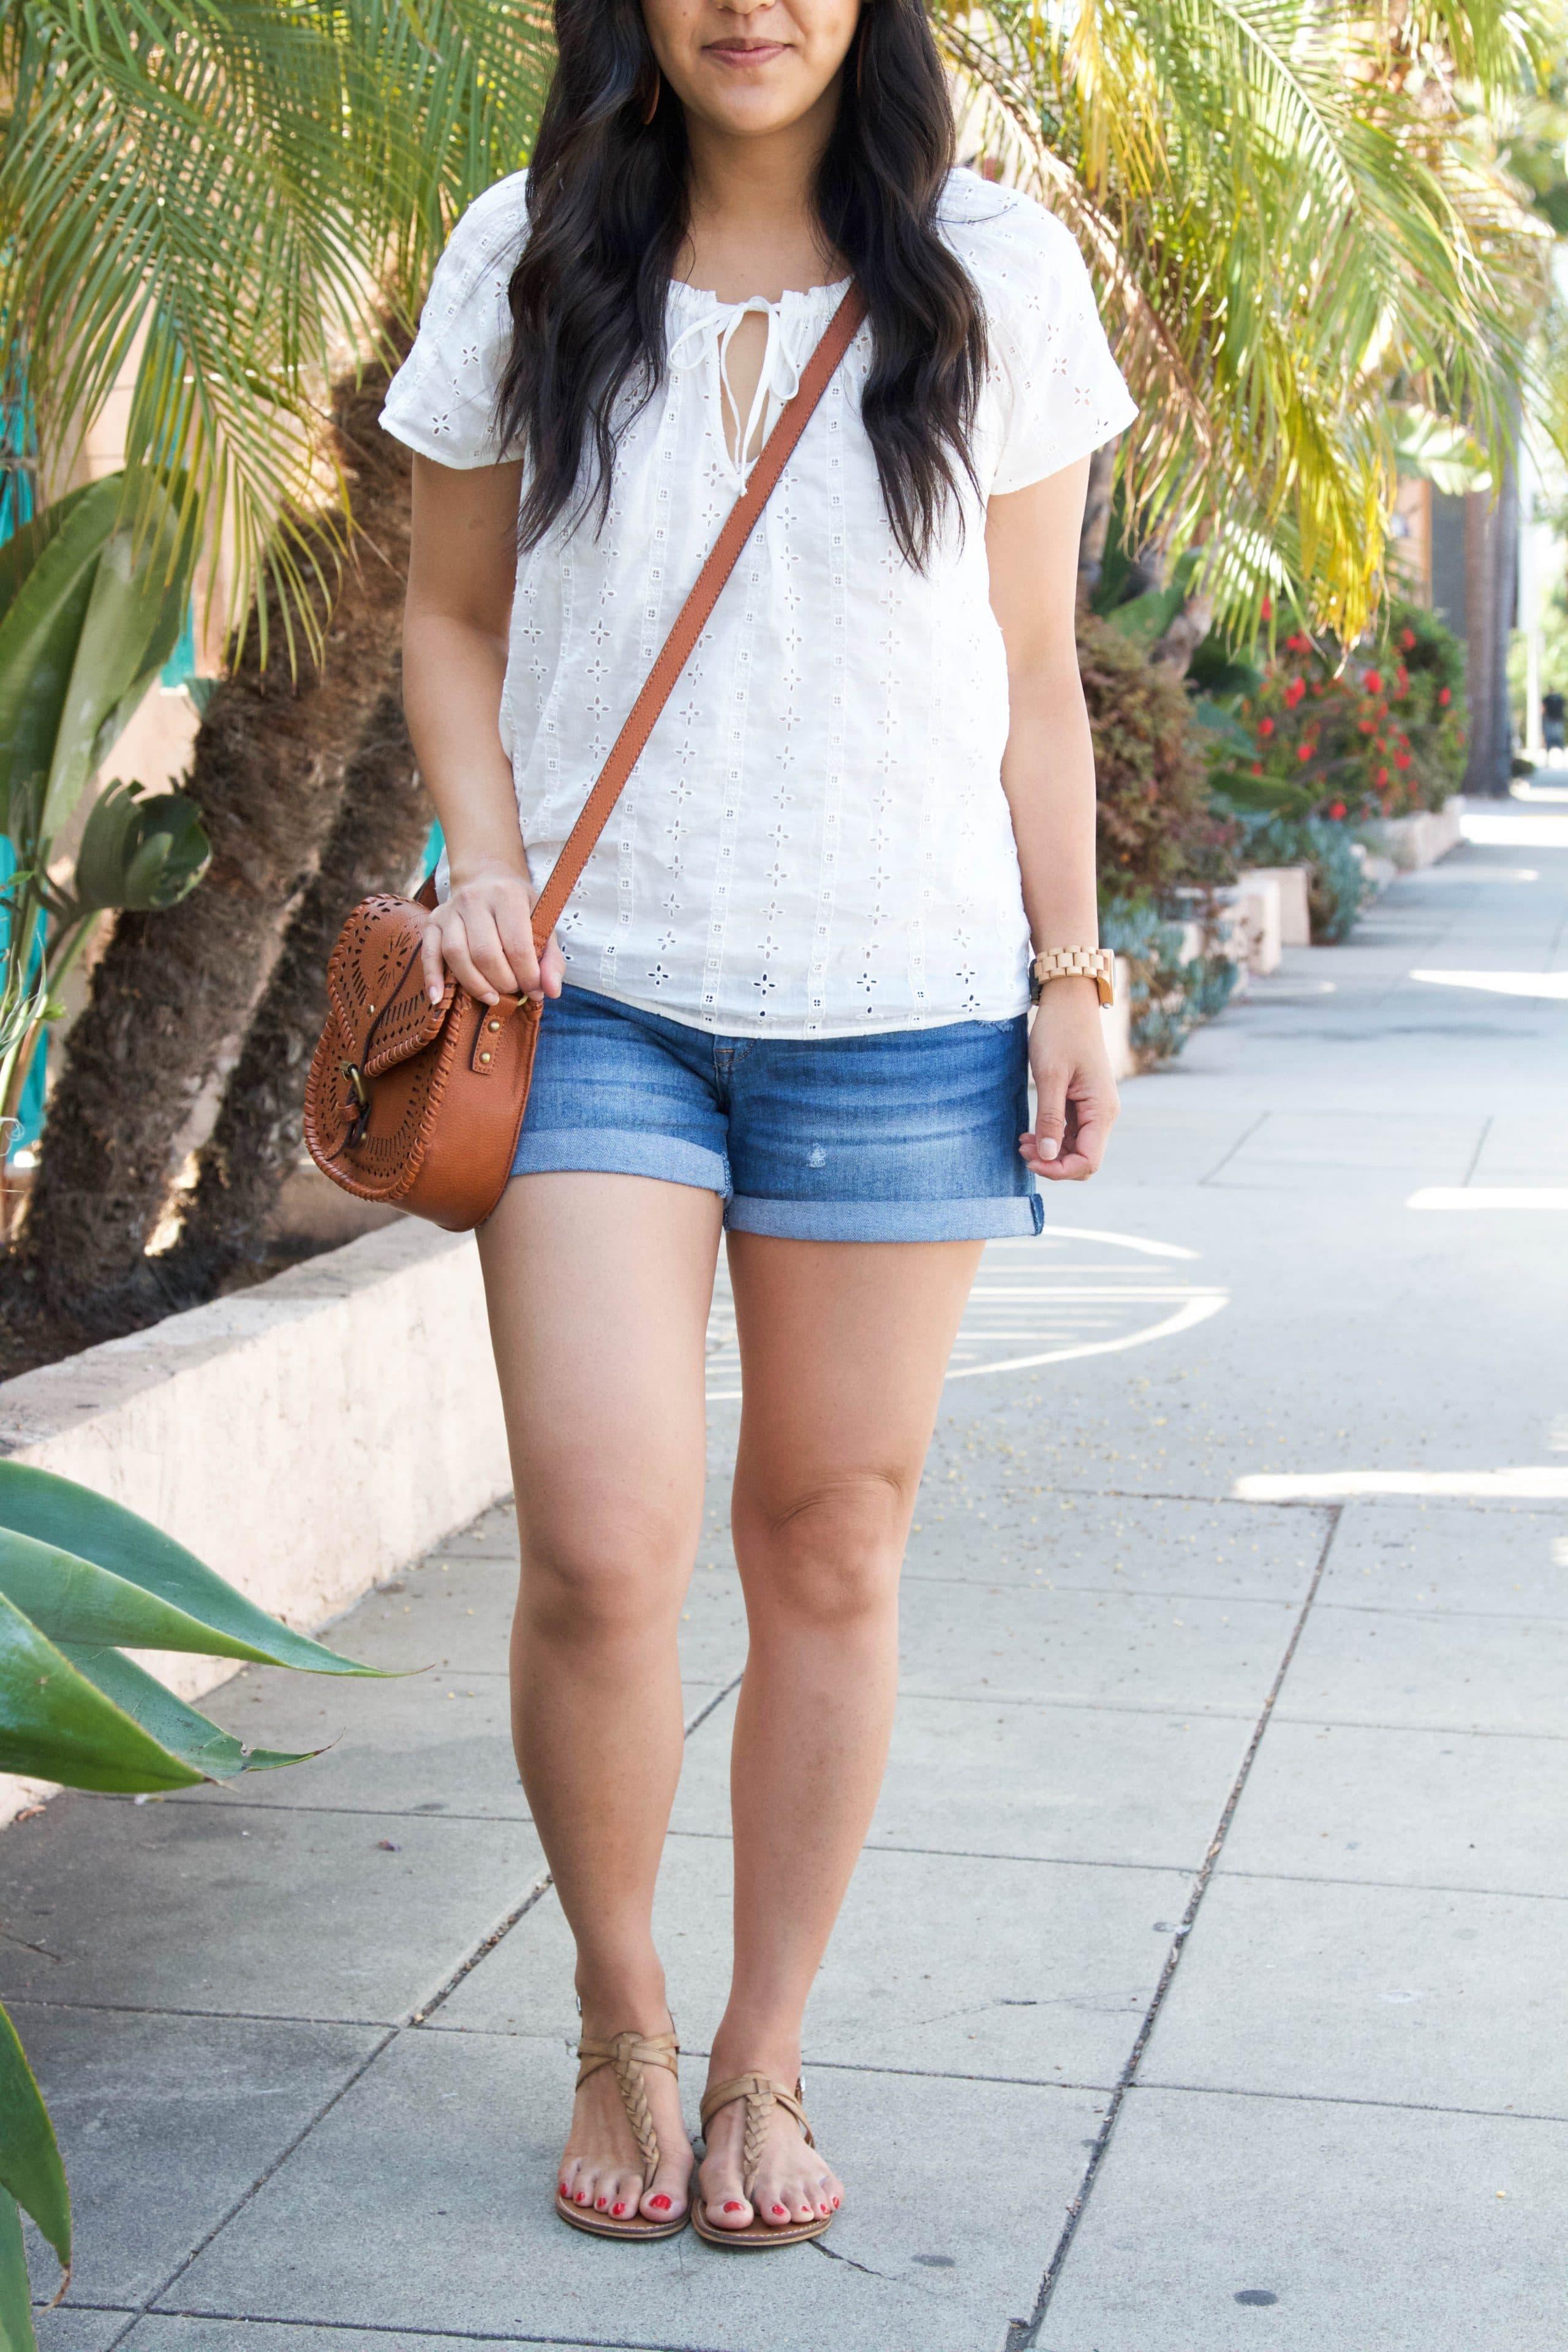 Eyelet Shirt + Denim Shorts + Cross Body Bag + Thong Sandas